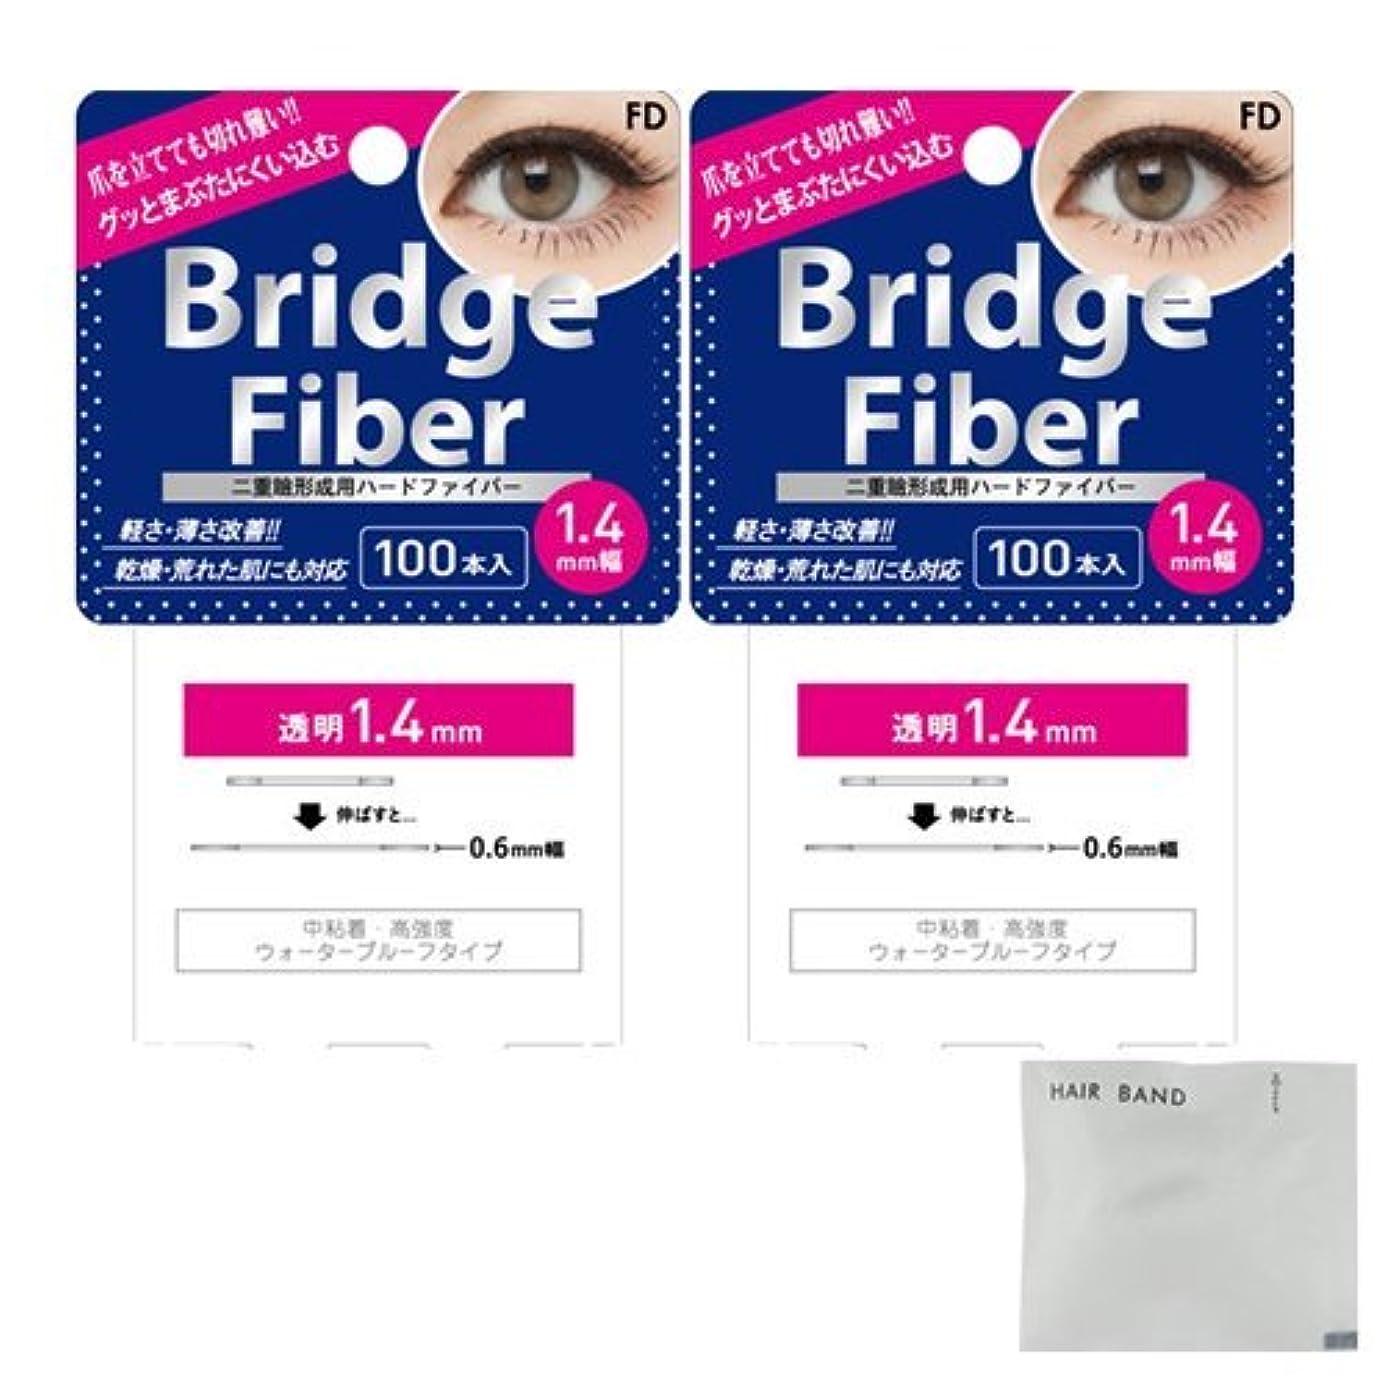 認可クラシカルアンデス山脈FD ブリッジファイバーⅡ (Bridge Fiber) クリア1.4mm×2個 + ヘアゴム(カラーはおまかせ)セット